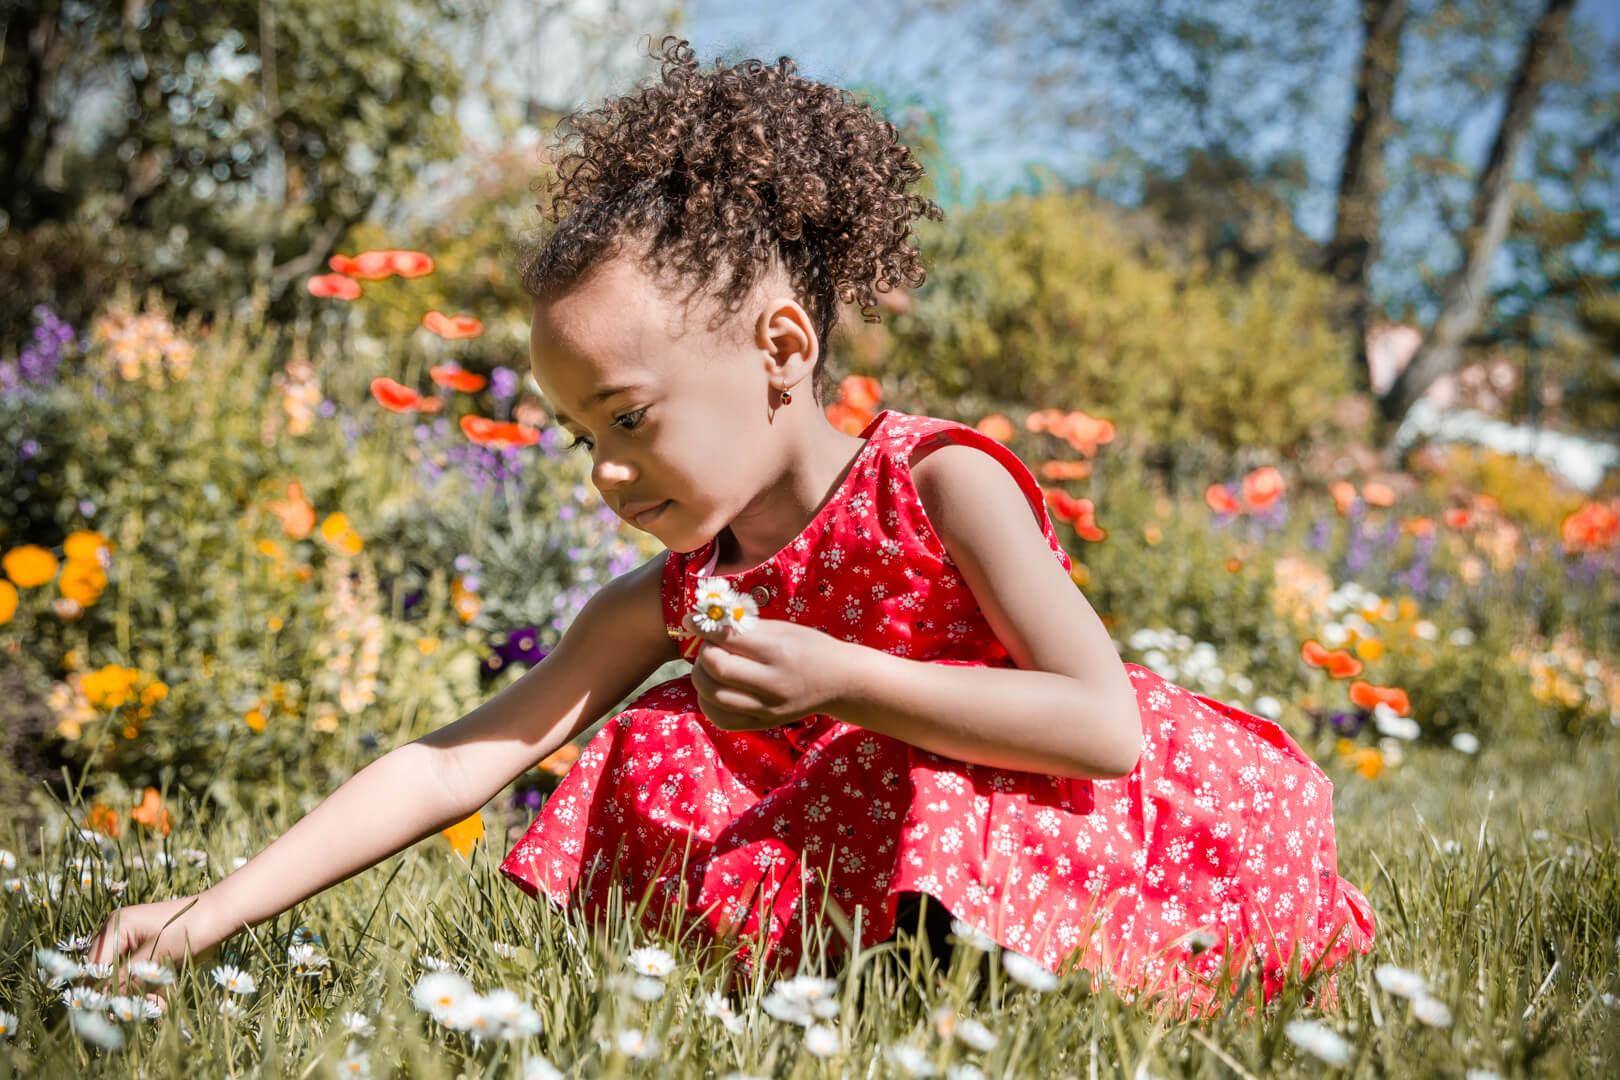 Portrait d'une petite fille en robe roge qui cueille des fleurs